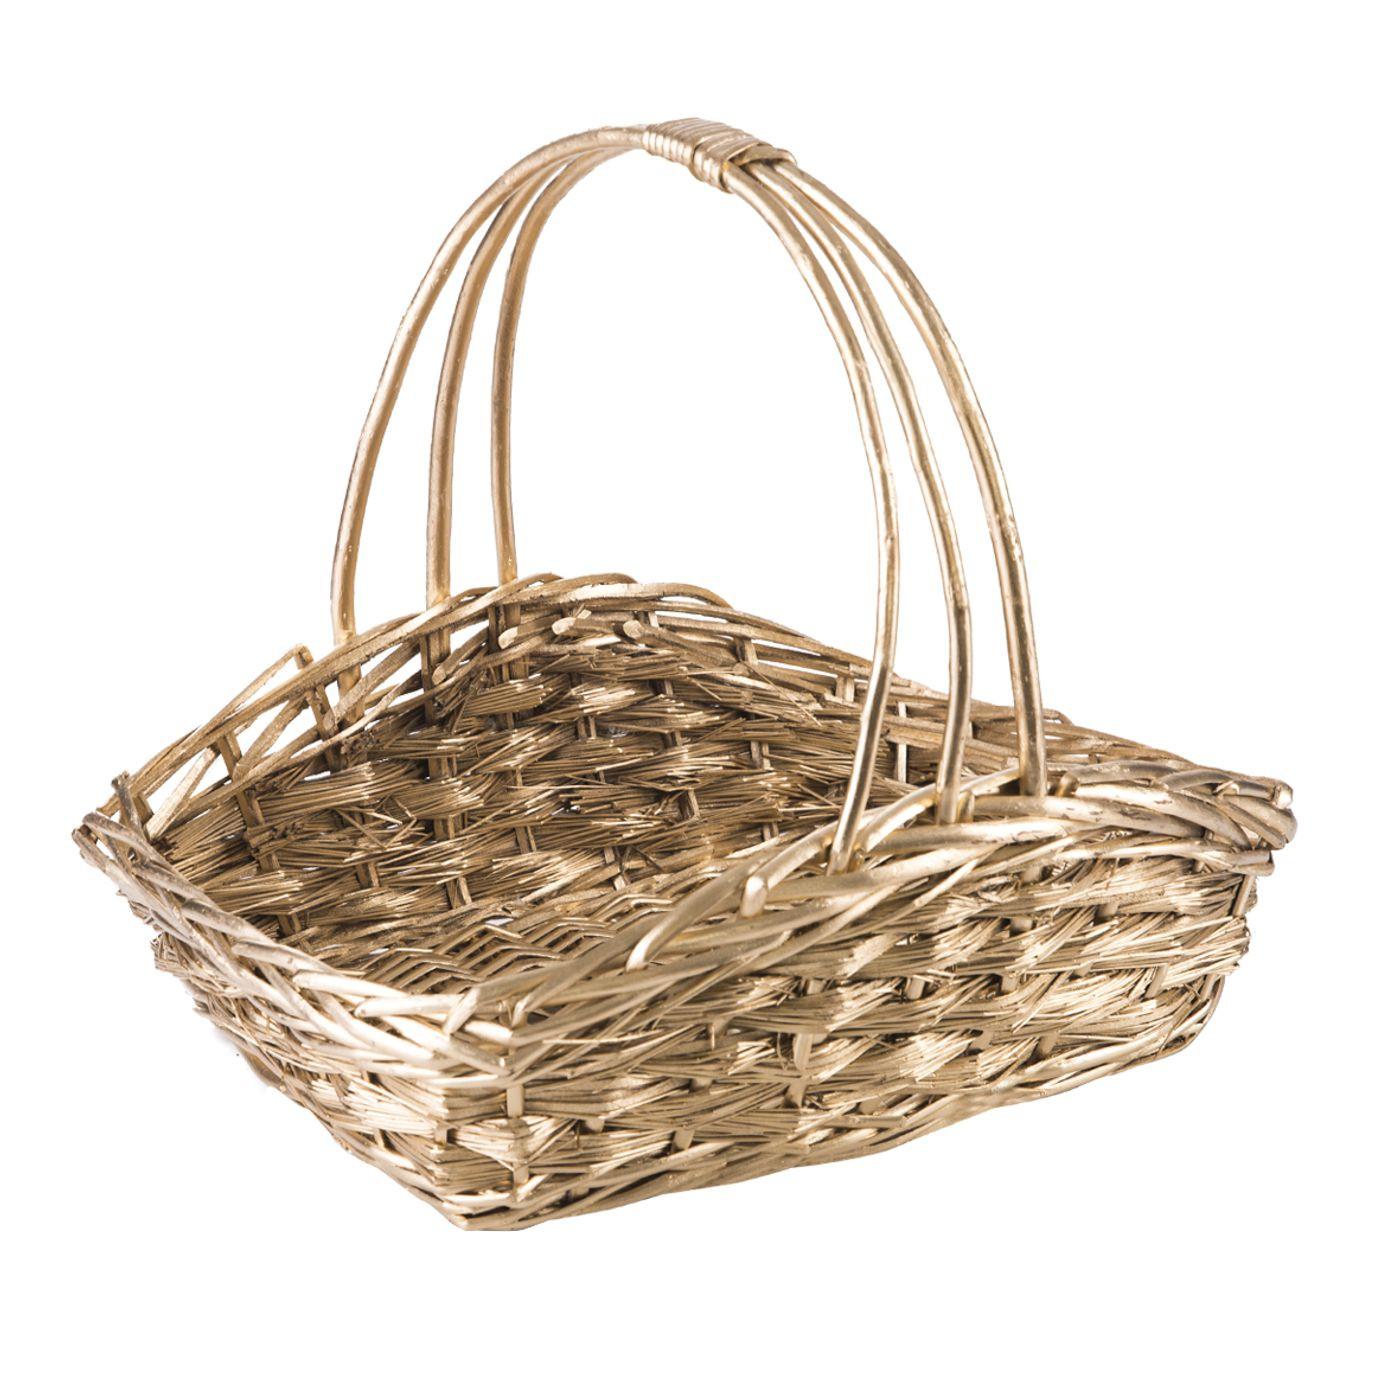 Koszyk z naturalnej wikliny 49 x 31 x 17 x 12 cm cm biało-złoty